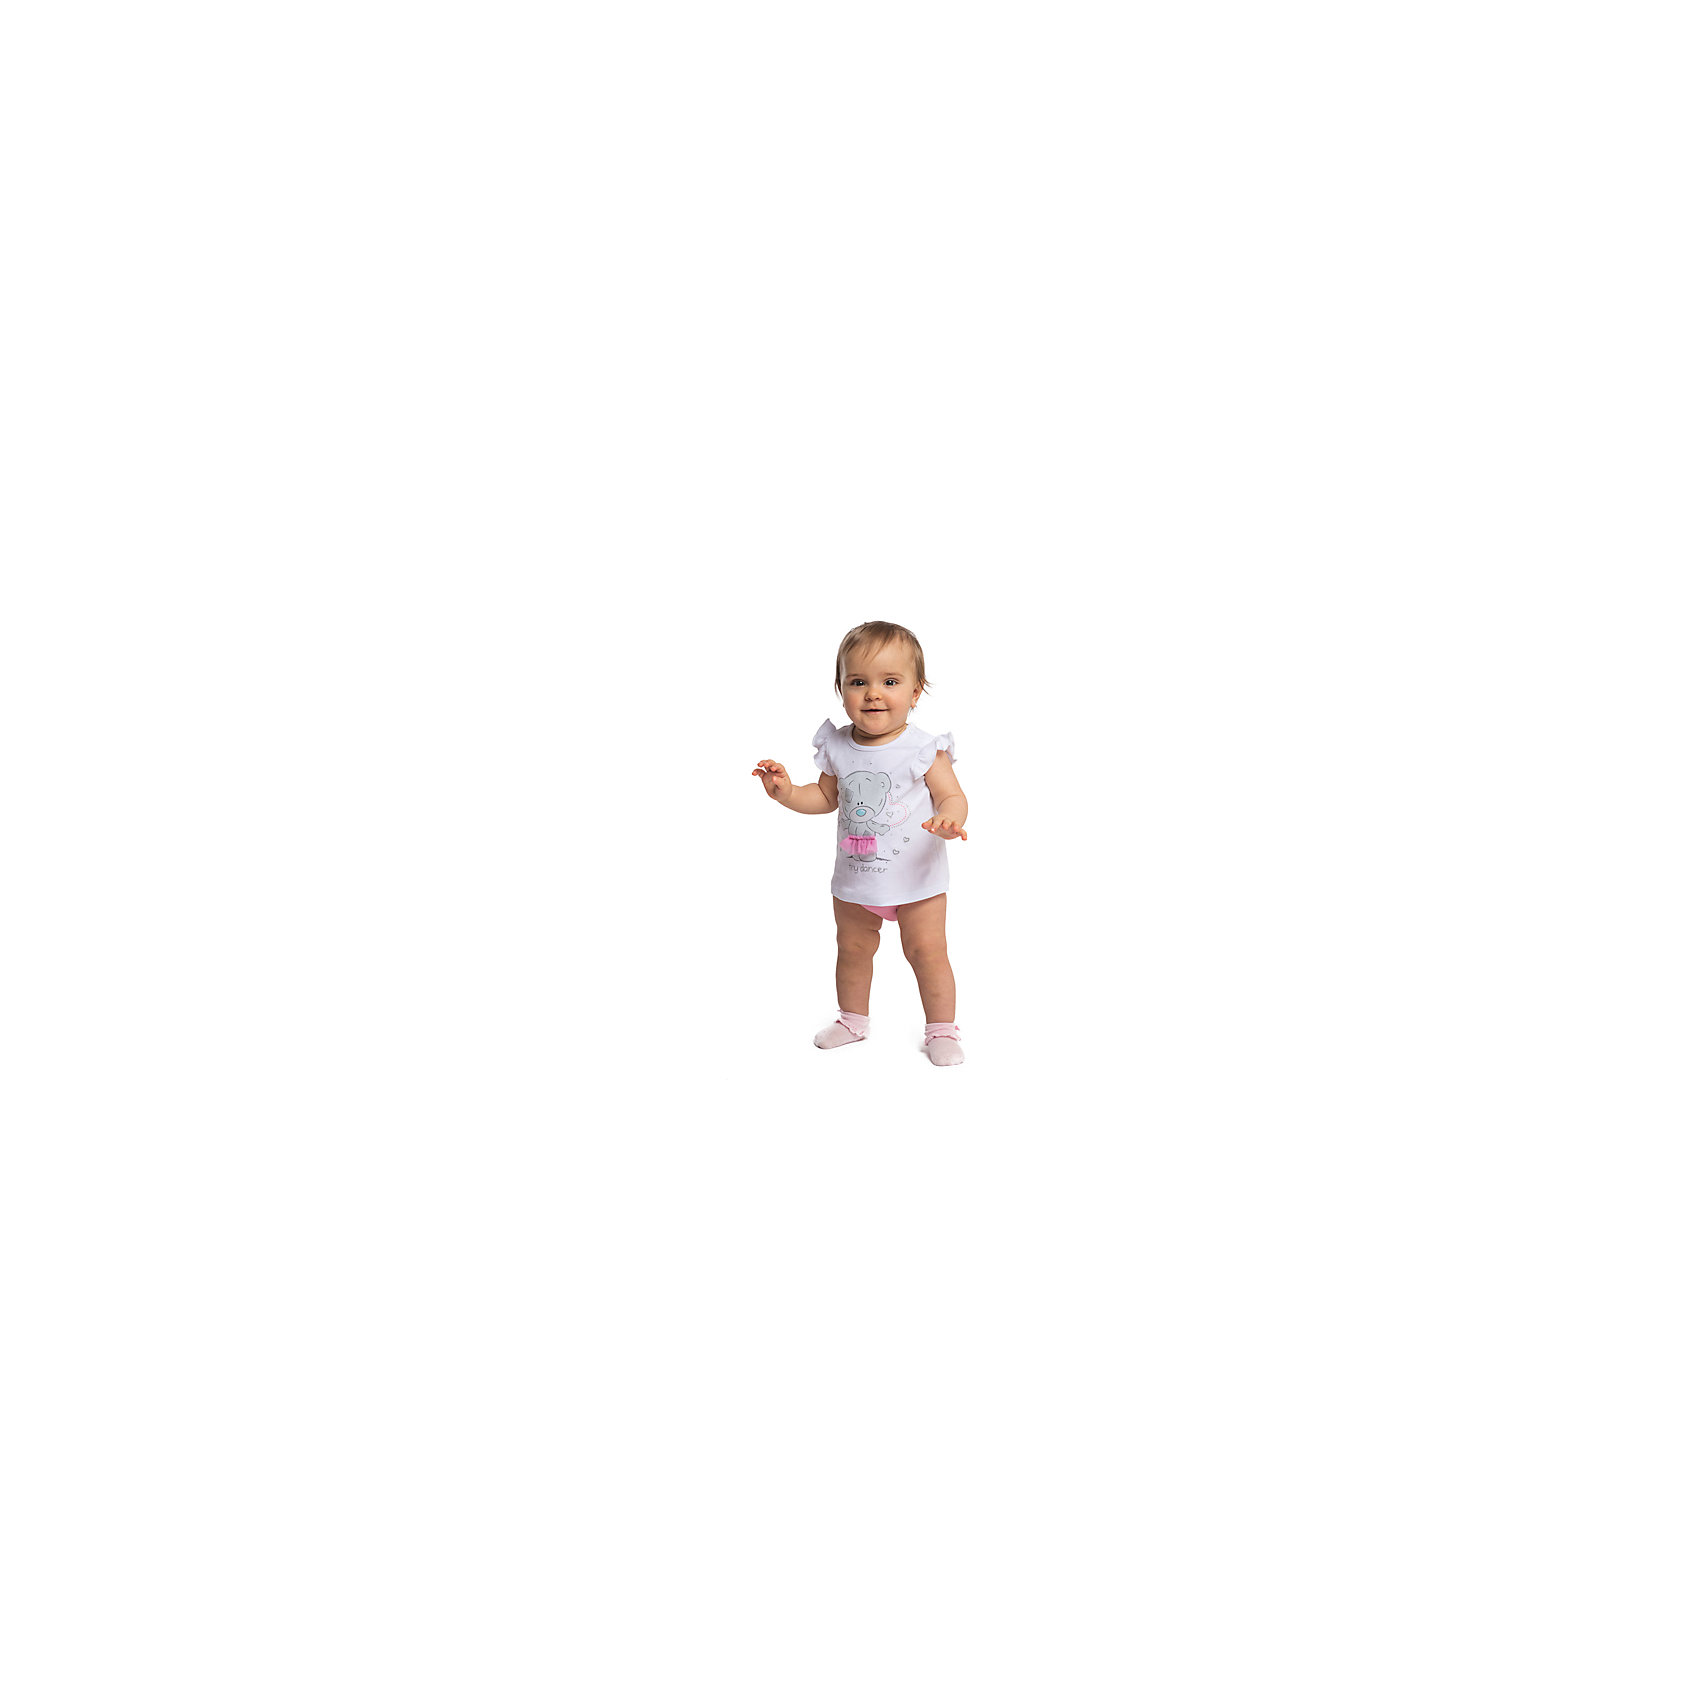 Комплект для девочки PlayTodayКомплект для девочки PlayToday<br>Комплект из майки и трусов выполнен из натурального материала, приятен к телу и не вызывает раздражений нежной детской кожи. Материал хорошо вентилируется. Майка на широких бретелях, дополнена легкими оборками в пройме, что создает эффект крылышек, декорировна нежной аппликацией. Широкая резинка на трусах не сдавливает живот ребенка. Для удобства одевания - снимания на горловине майка снабжена двумя застежками - кнопками.Преимущества: Натуральный материал не раздражает нежную детскую кожу, хорошо вентилируетсяАккуратные швы не вызывают неприятных ощущений<br>Состав:<br>100% хлопок<br><br>Ширина мм: 157<br>Глубина мм: 13<br>Высота мм: 119<br>Вес г: 200<br>Цвет: разноцветный<br>Возраст от месяцев: 6<br>Возраст до месяцев: 9<br>Пол: Женский<br>Возраст: Детский<br>Размер: 74,56,62,68<br>SKU: 5408596